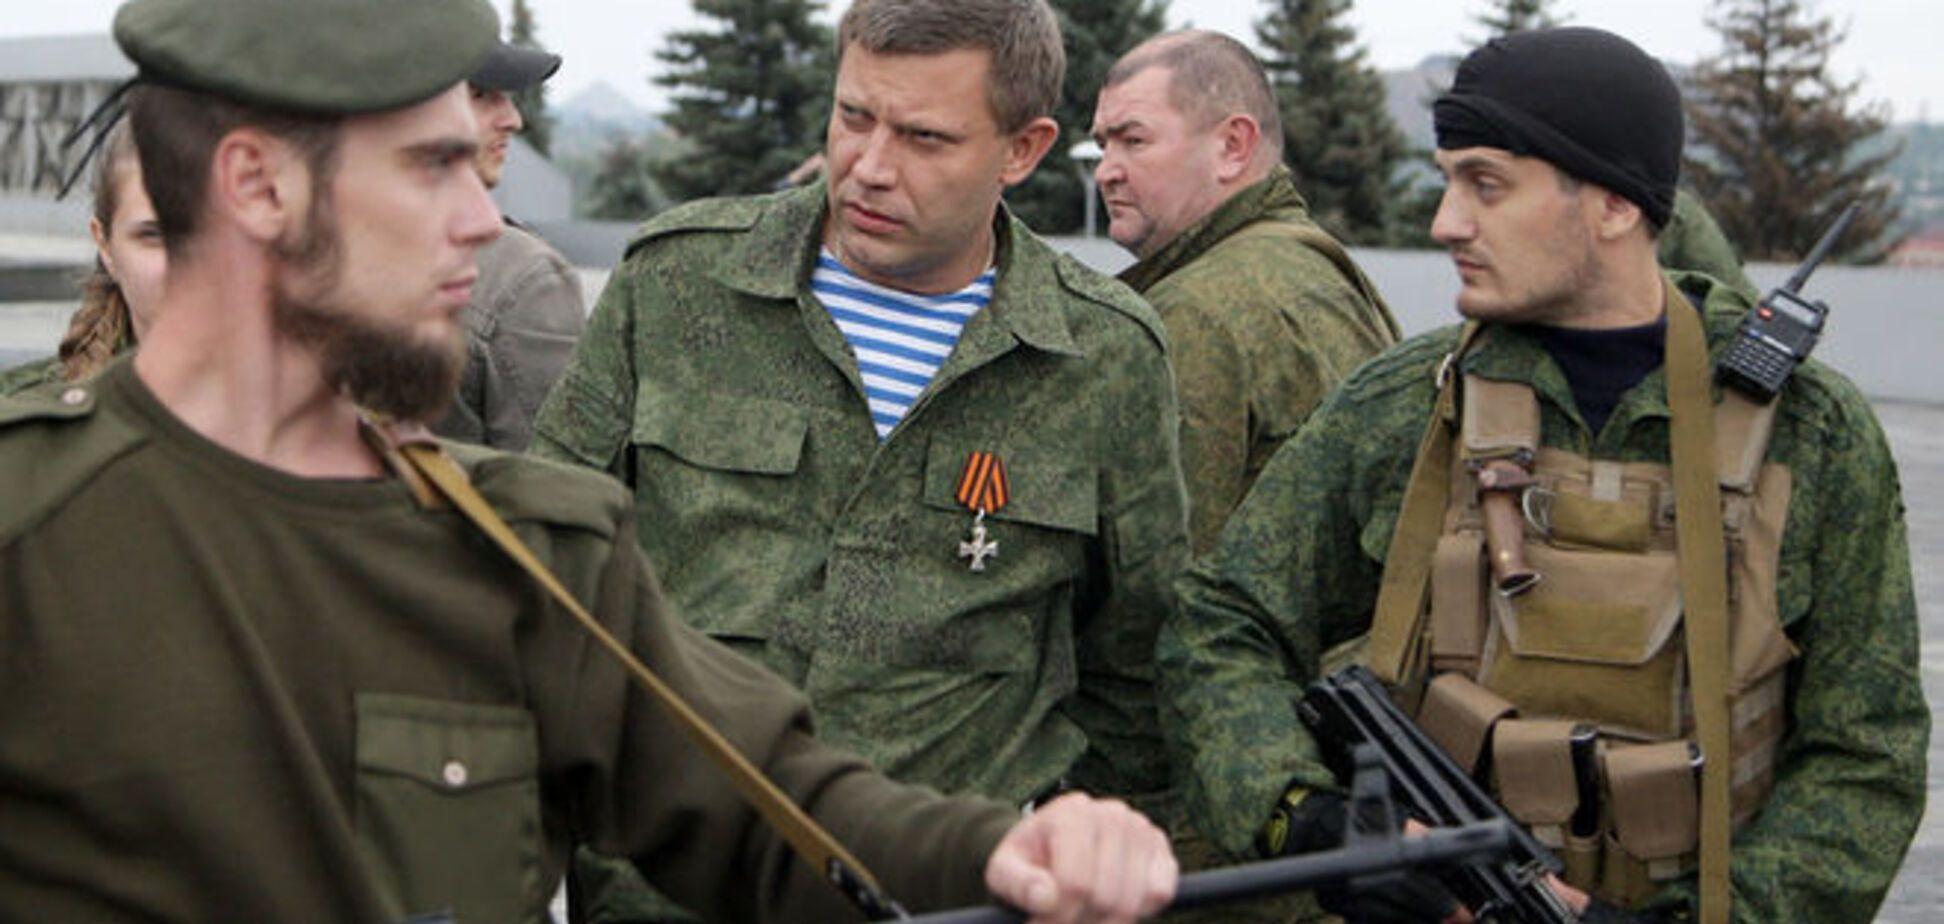 Из плена боевиков освобождены три украинских бойца